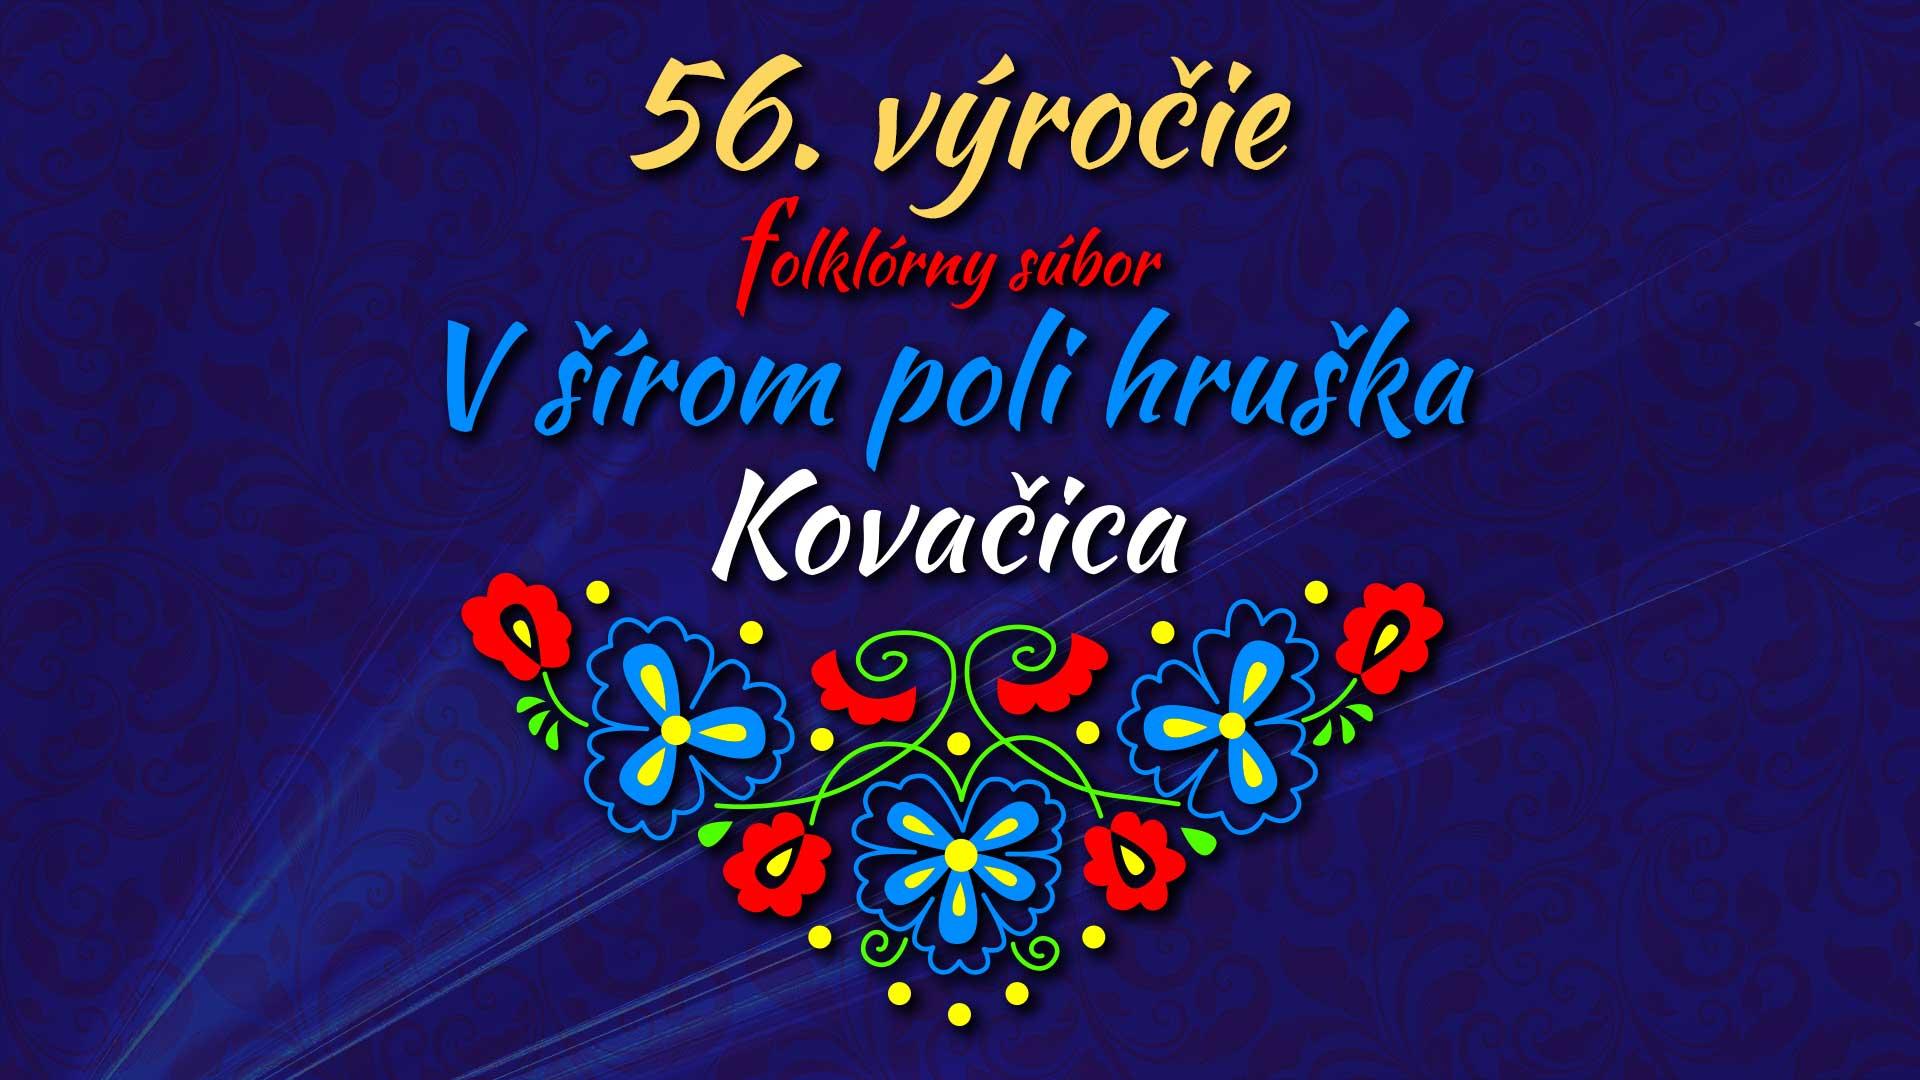 V šírom poli hruška, Kovačica – 56. výročie